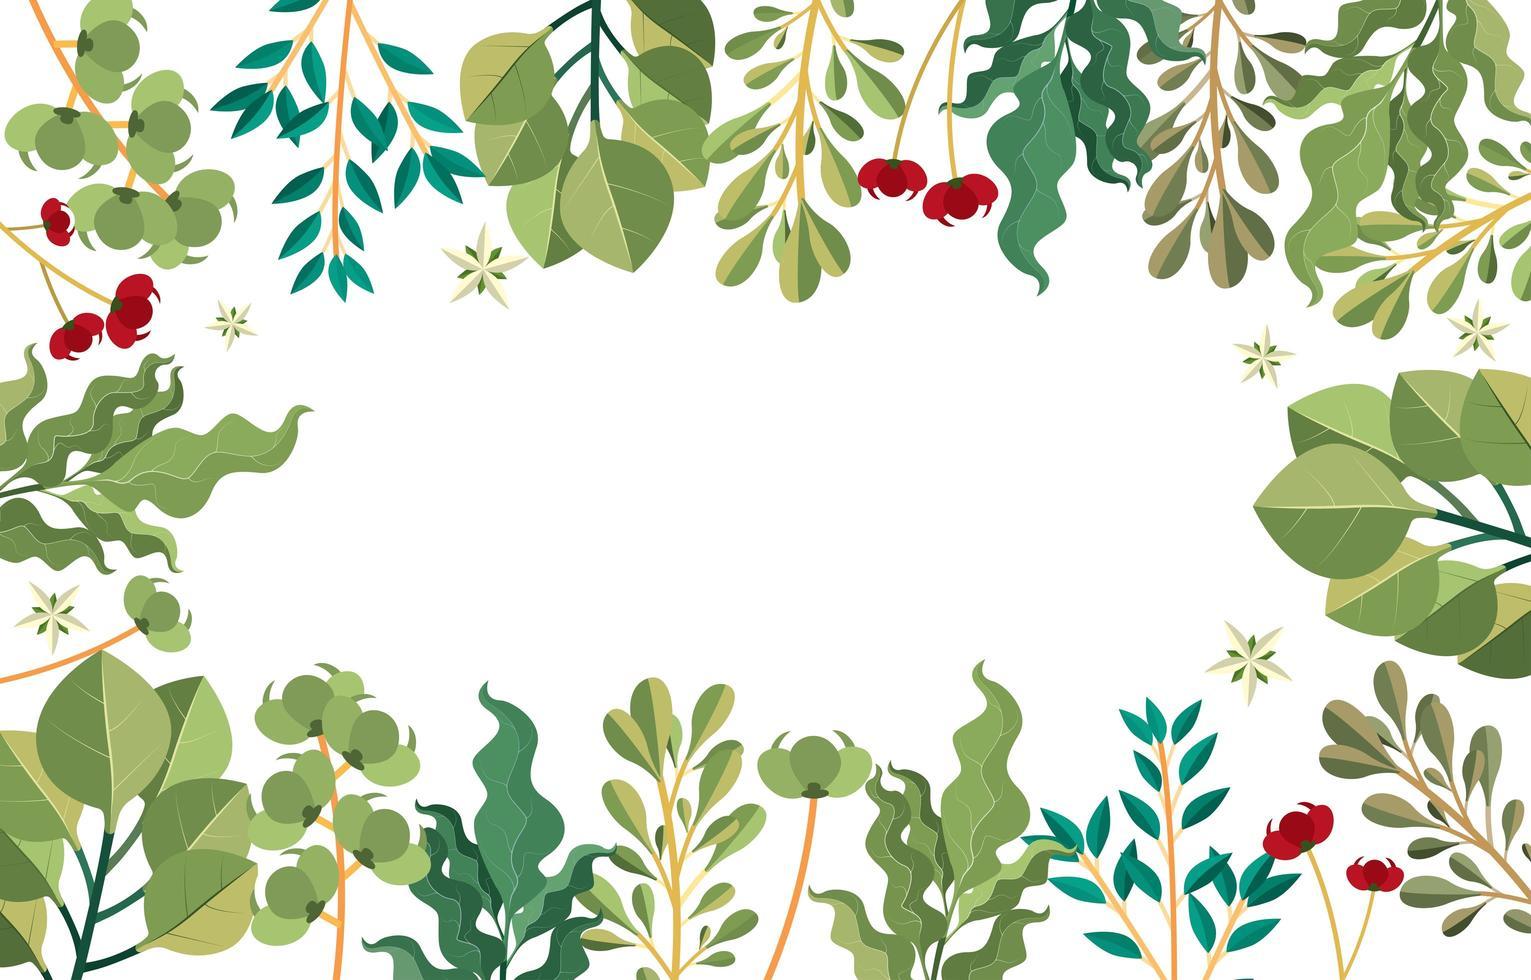 concept de fond floral nature verte vecteur